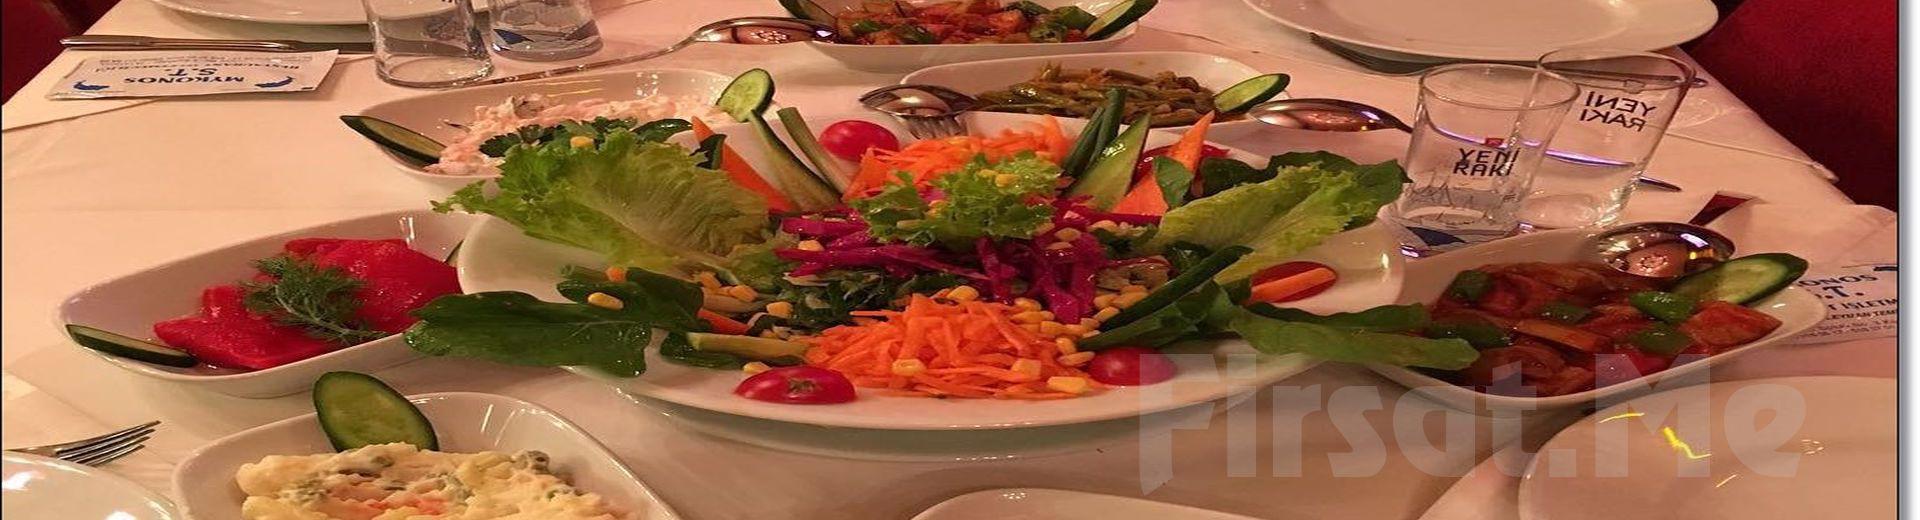 Kumkapı Mykonos Restaurant'ta İçecek Dahil Lesis Akşam Yemeği ve Fasıl Eşliğinde Doyasıya Eğlence Doyasıya Eğlence